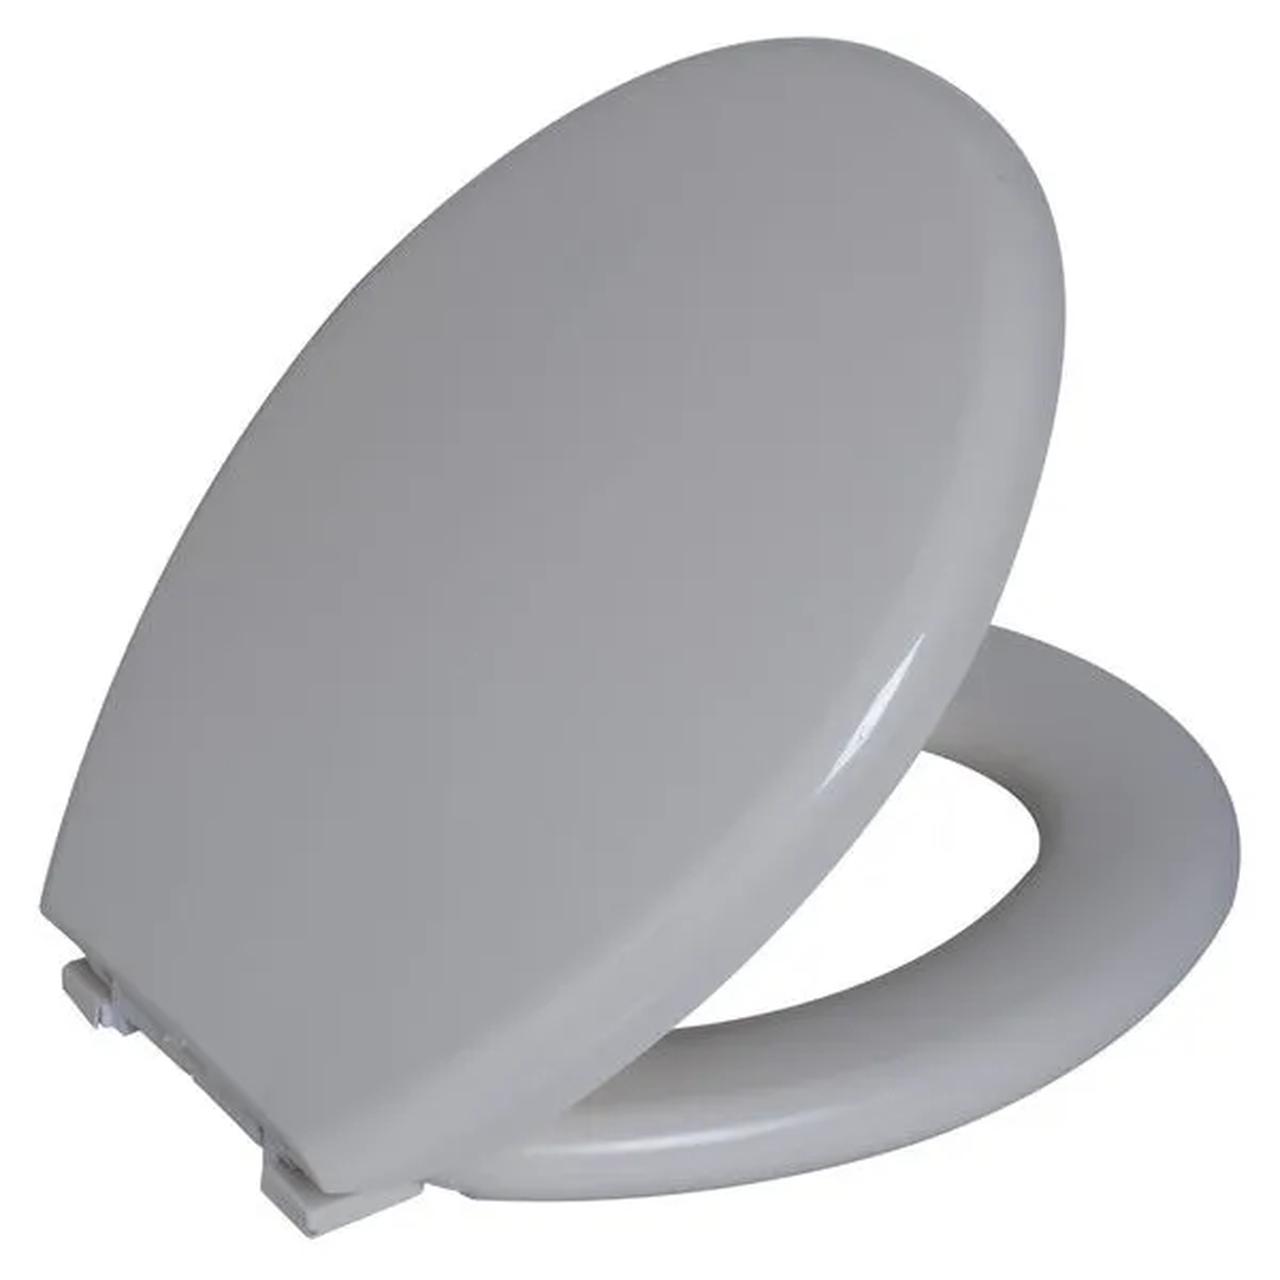 Assento Sanitario Astra Oval Almofadado TPK/AS - Bege 8 (BG8)